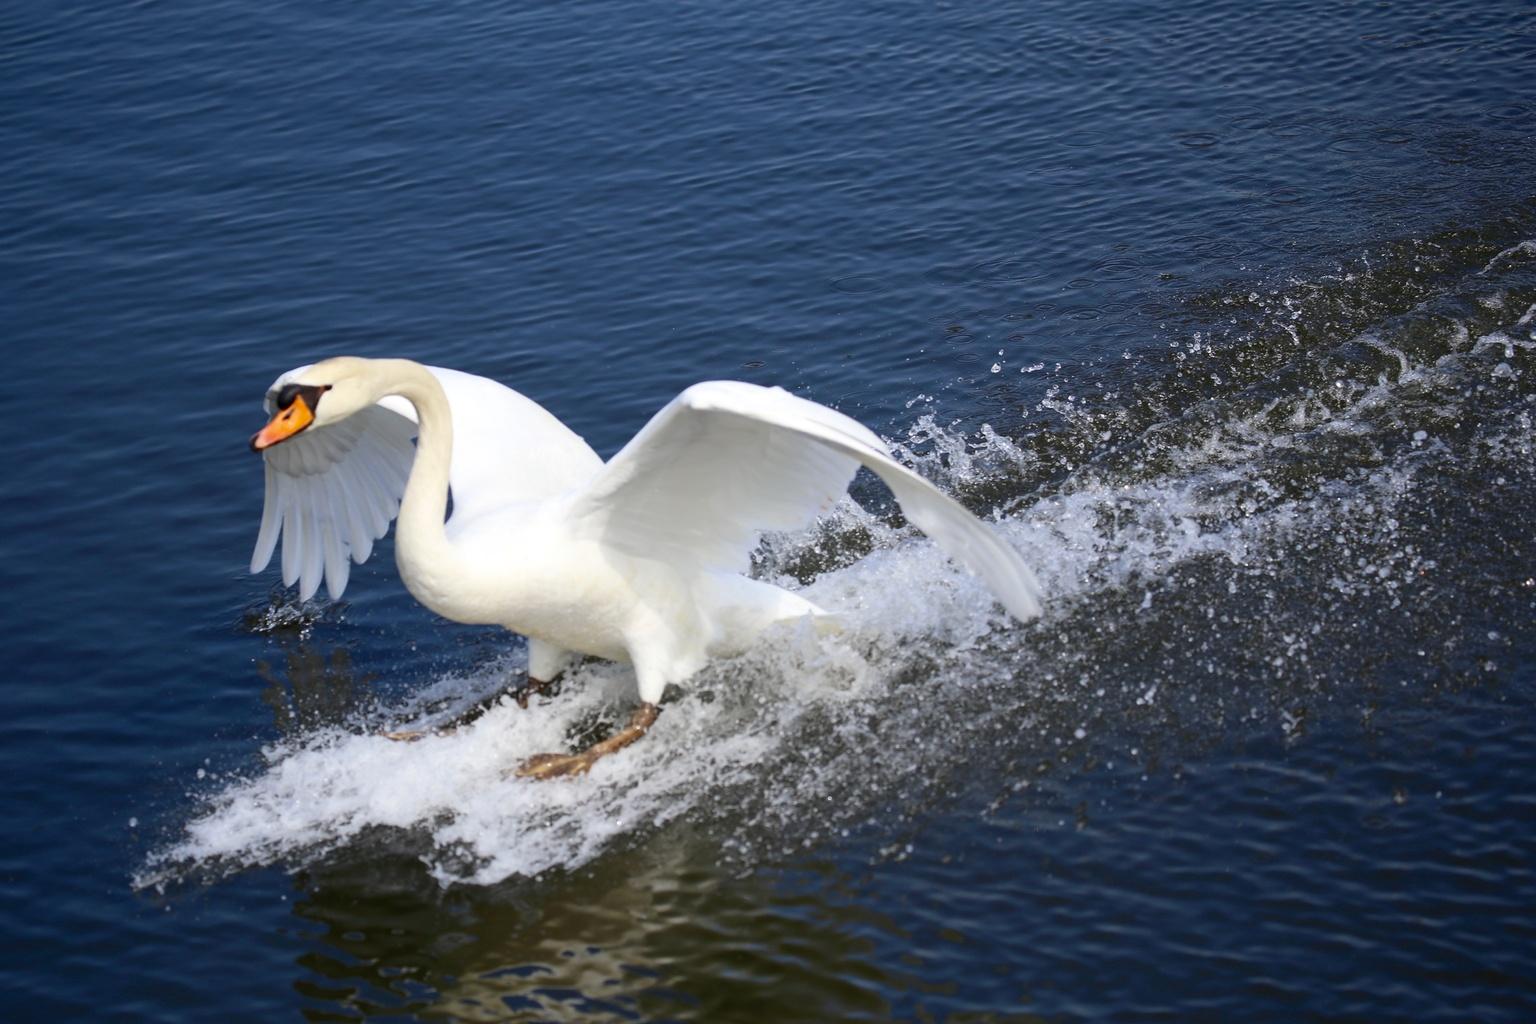 Zwaan - Waterskiend - foto door Ebben op 16-04-2021 - deze foto bevat: water, vogel, vloeistof, bek, vloeistof, meer, watervogels, veer, eenden, ganzen en zwanen, vleugel